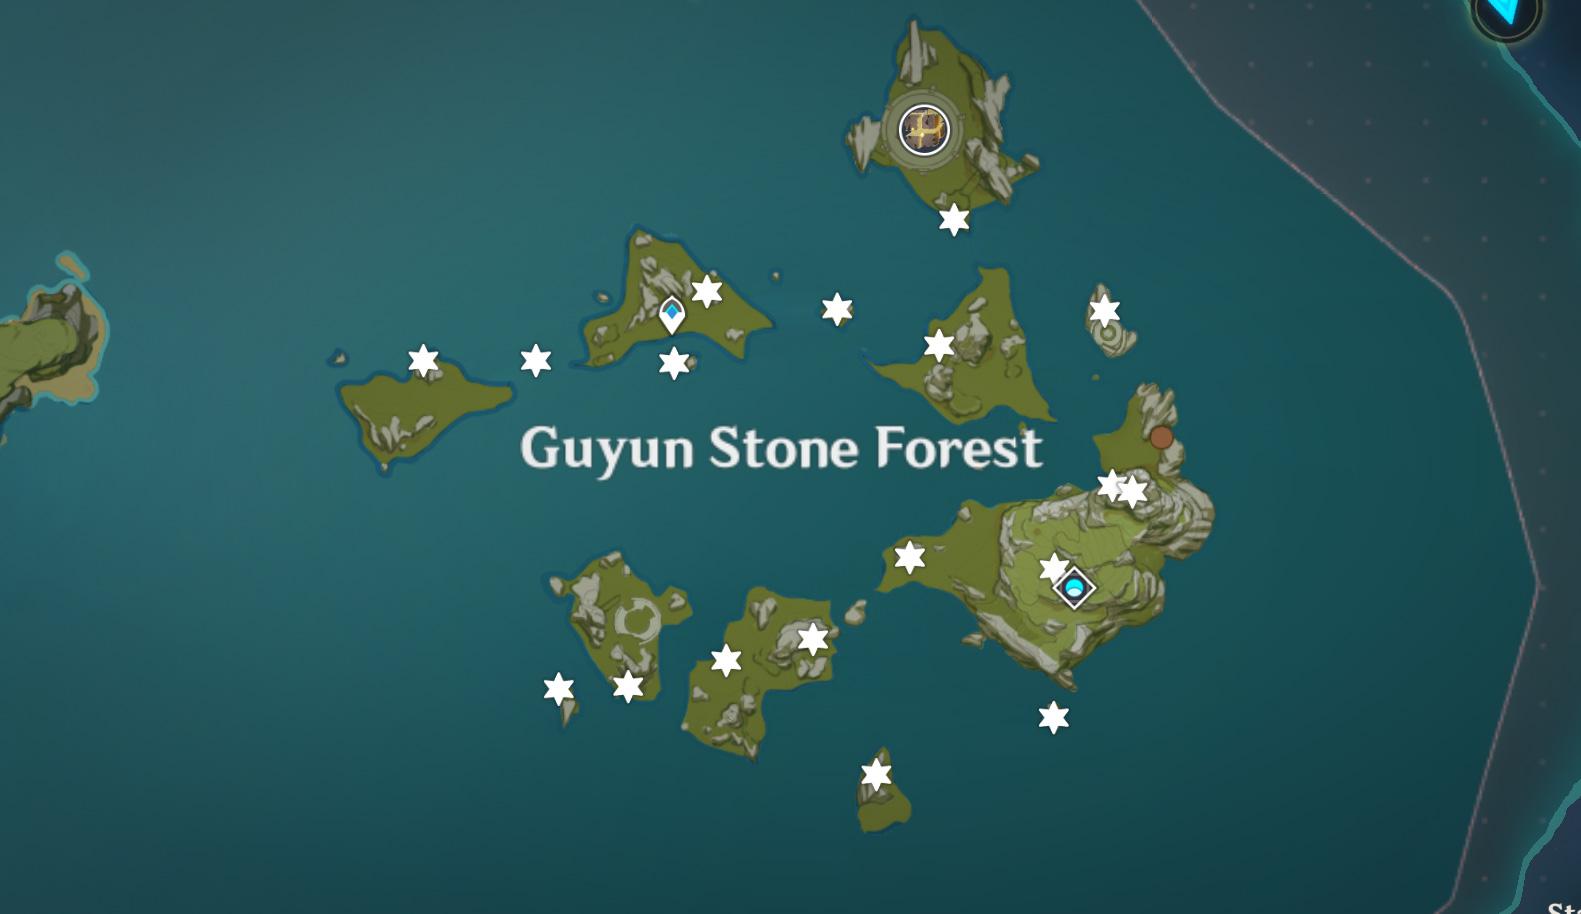 Emplacements des éclats de météorite - Lac Starfell - Forêt de pierres de Guyun